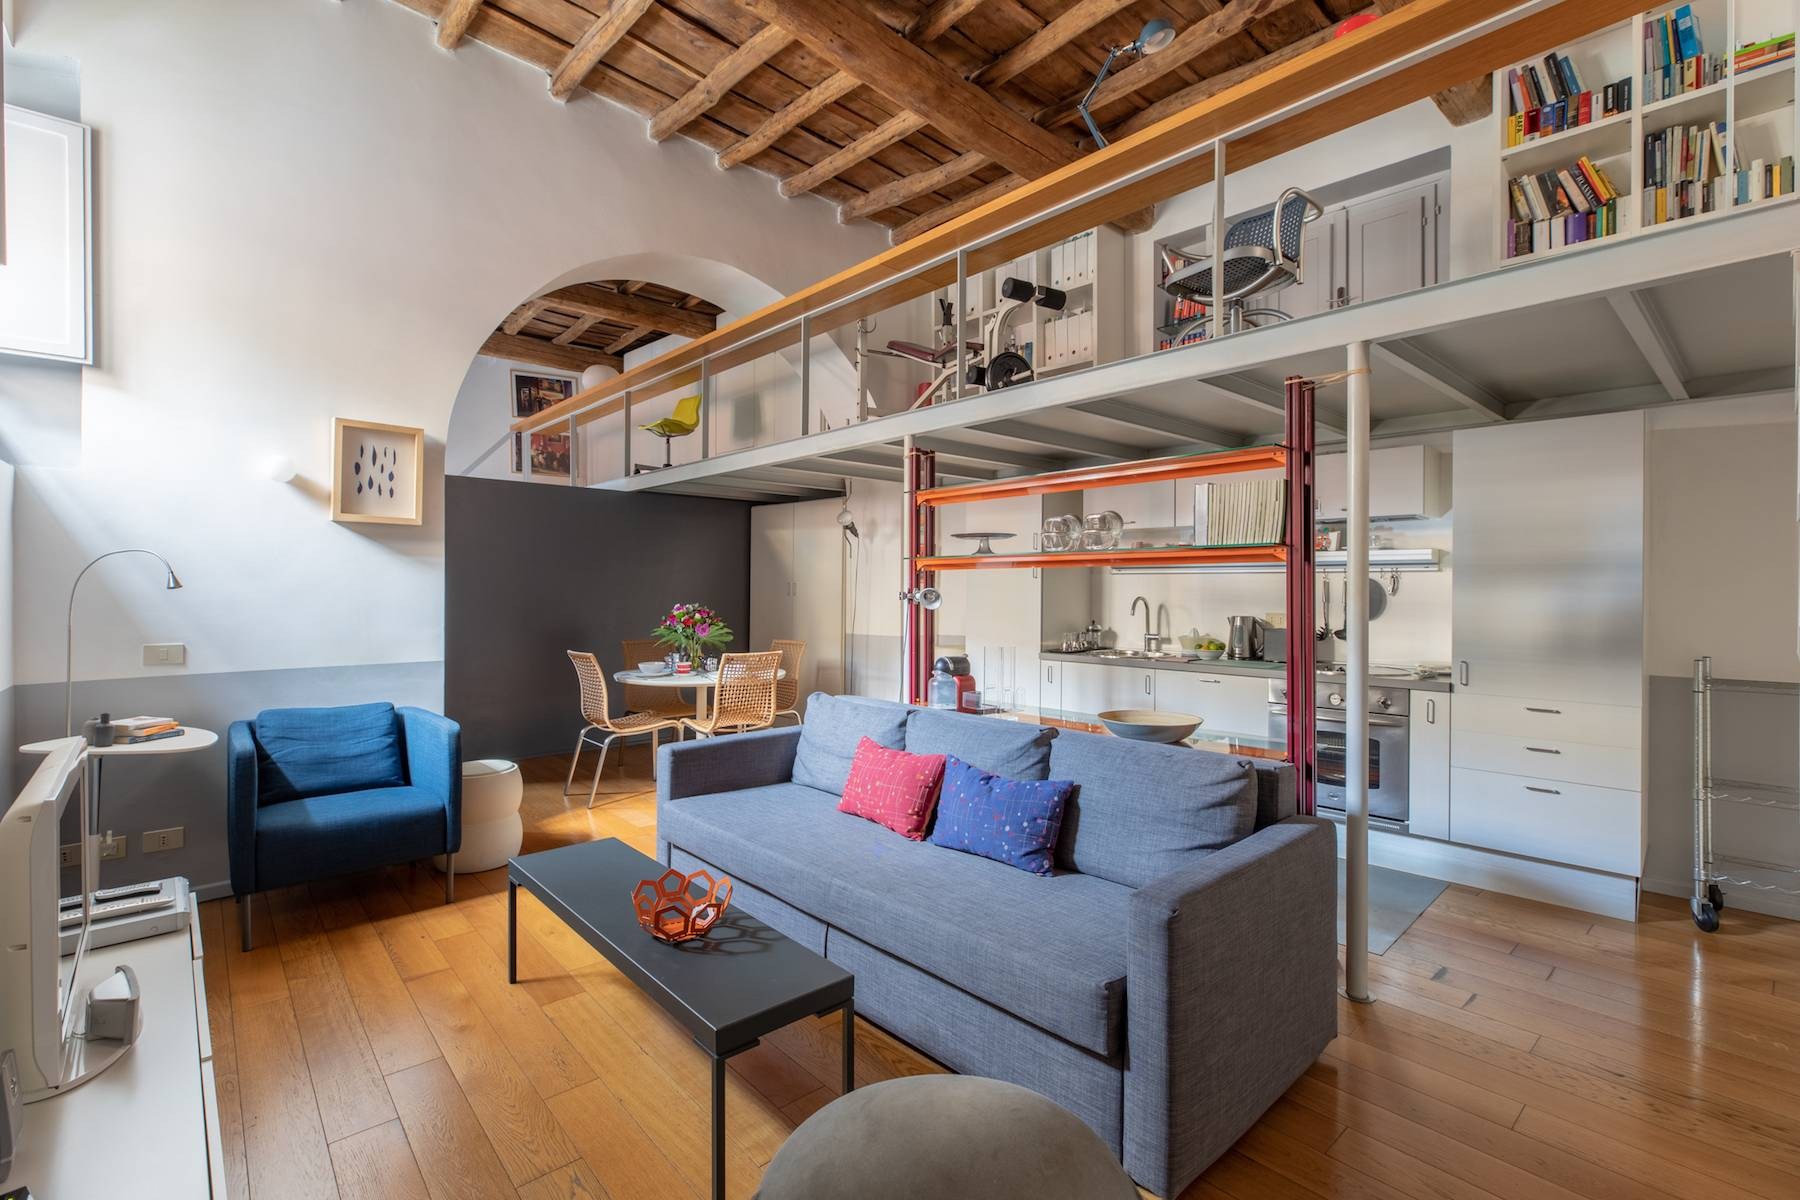 Appartamento in Affitto a Roma 28 Trastevere / Testaccio: 1 locali, 65 mq